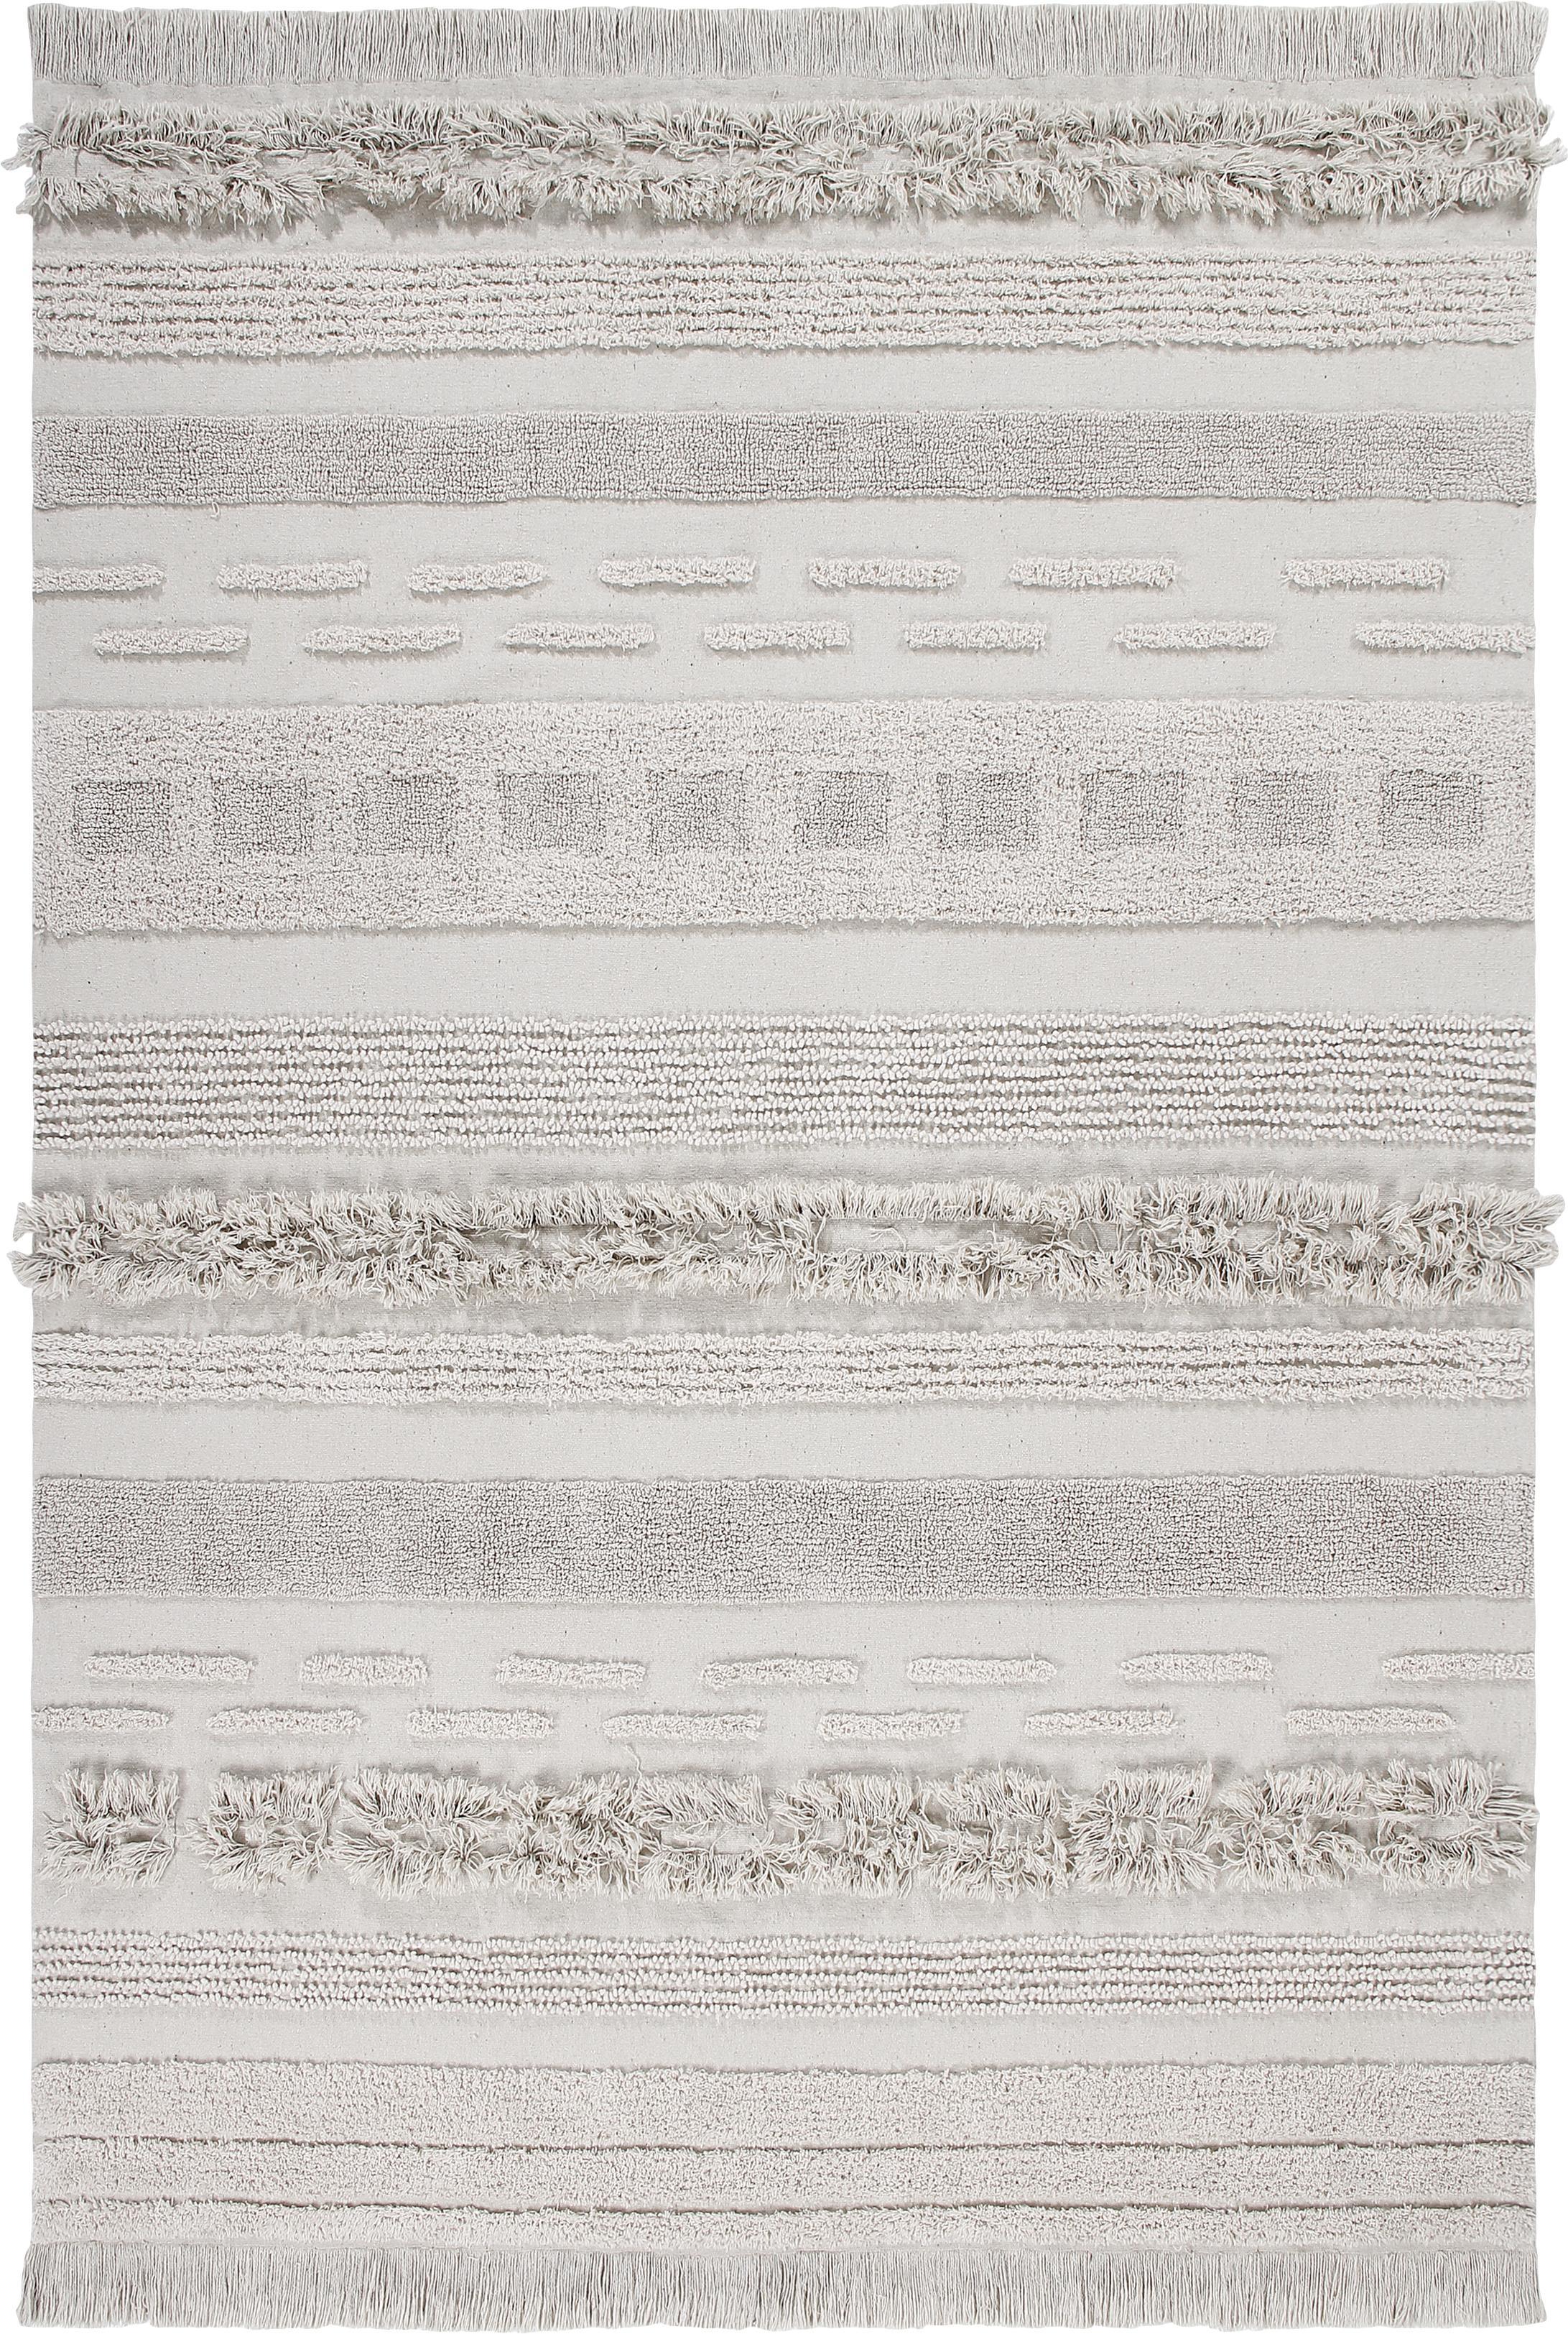 Teppich Air mit Hoch-Tief-Effekt, Flor: 97% recycelte Baumwolle, , Beige, B 170 x L 240 cm (Größe M)